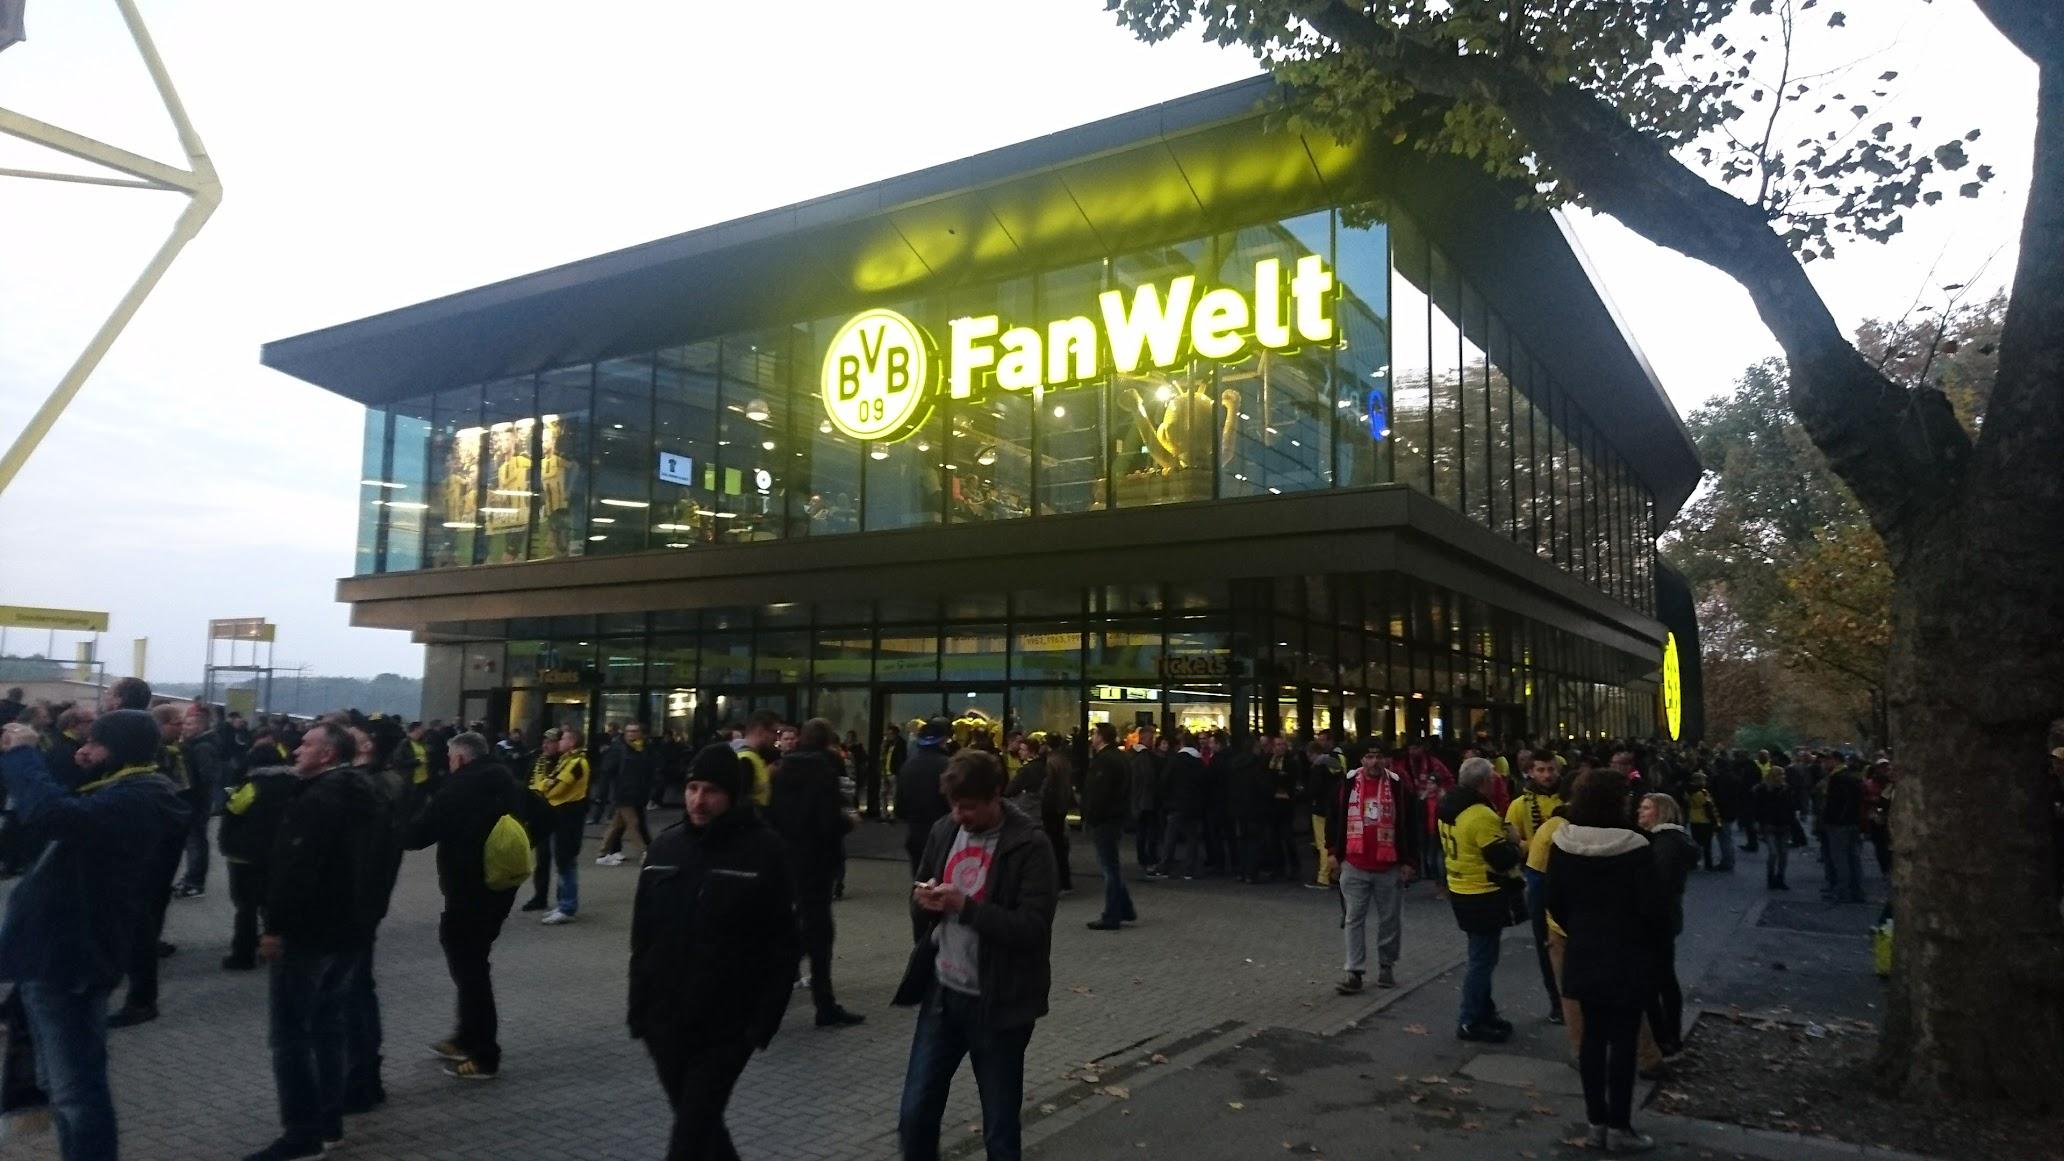 Borussia Dortmund FanWelt